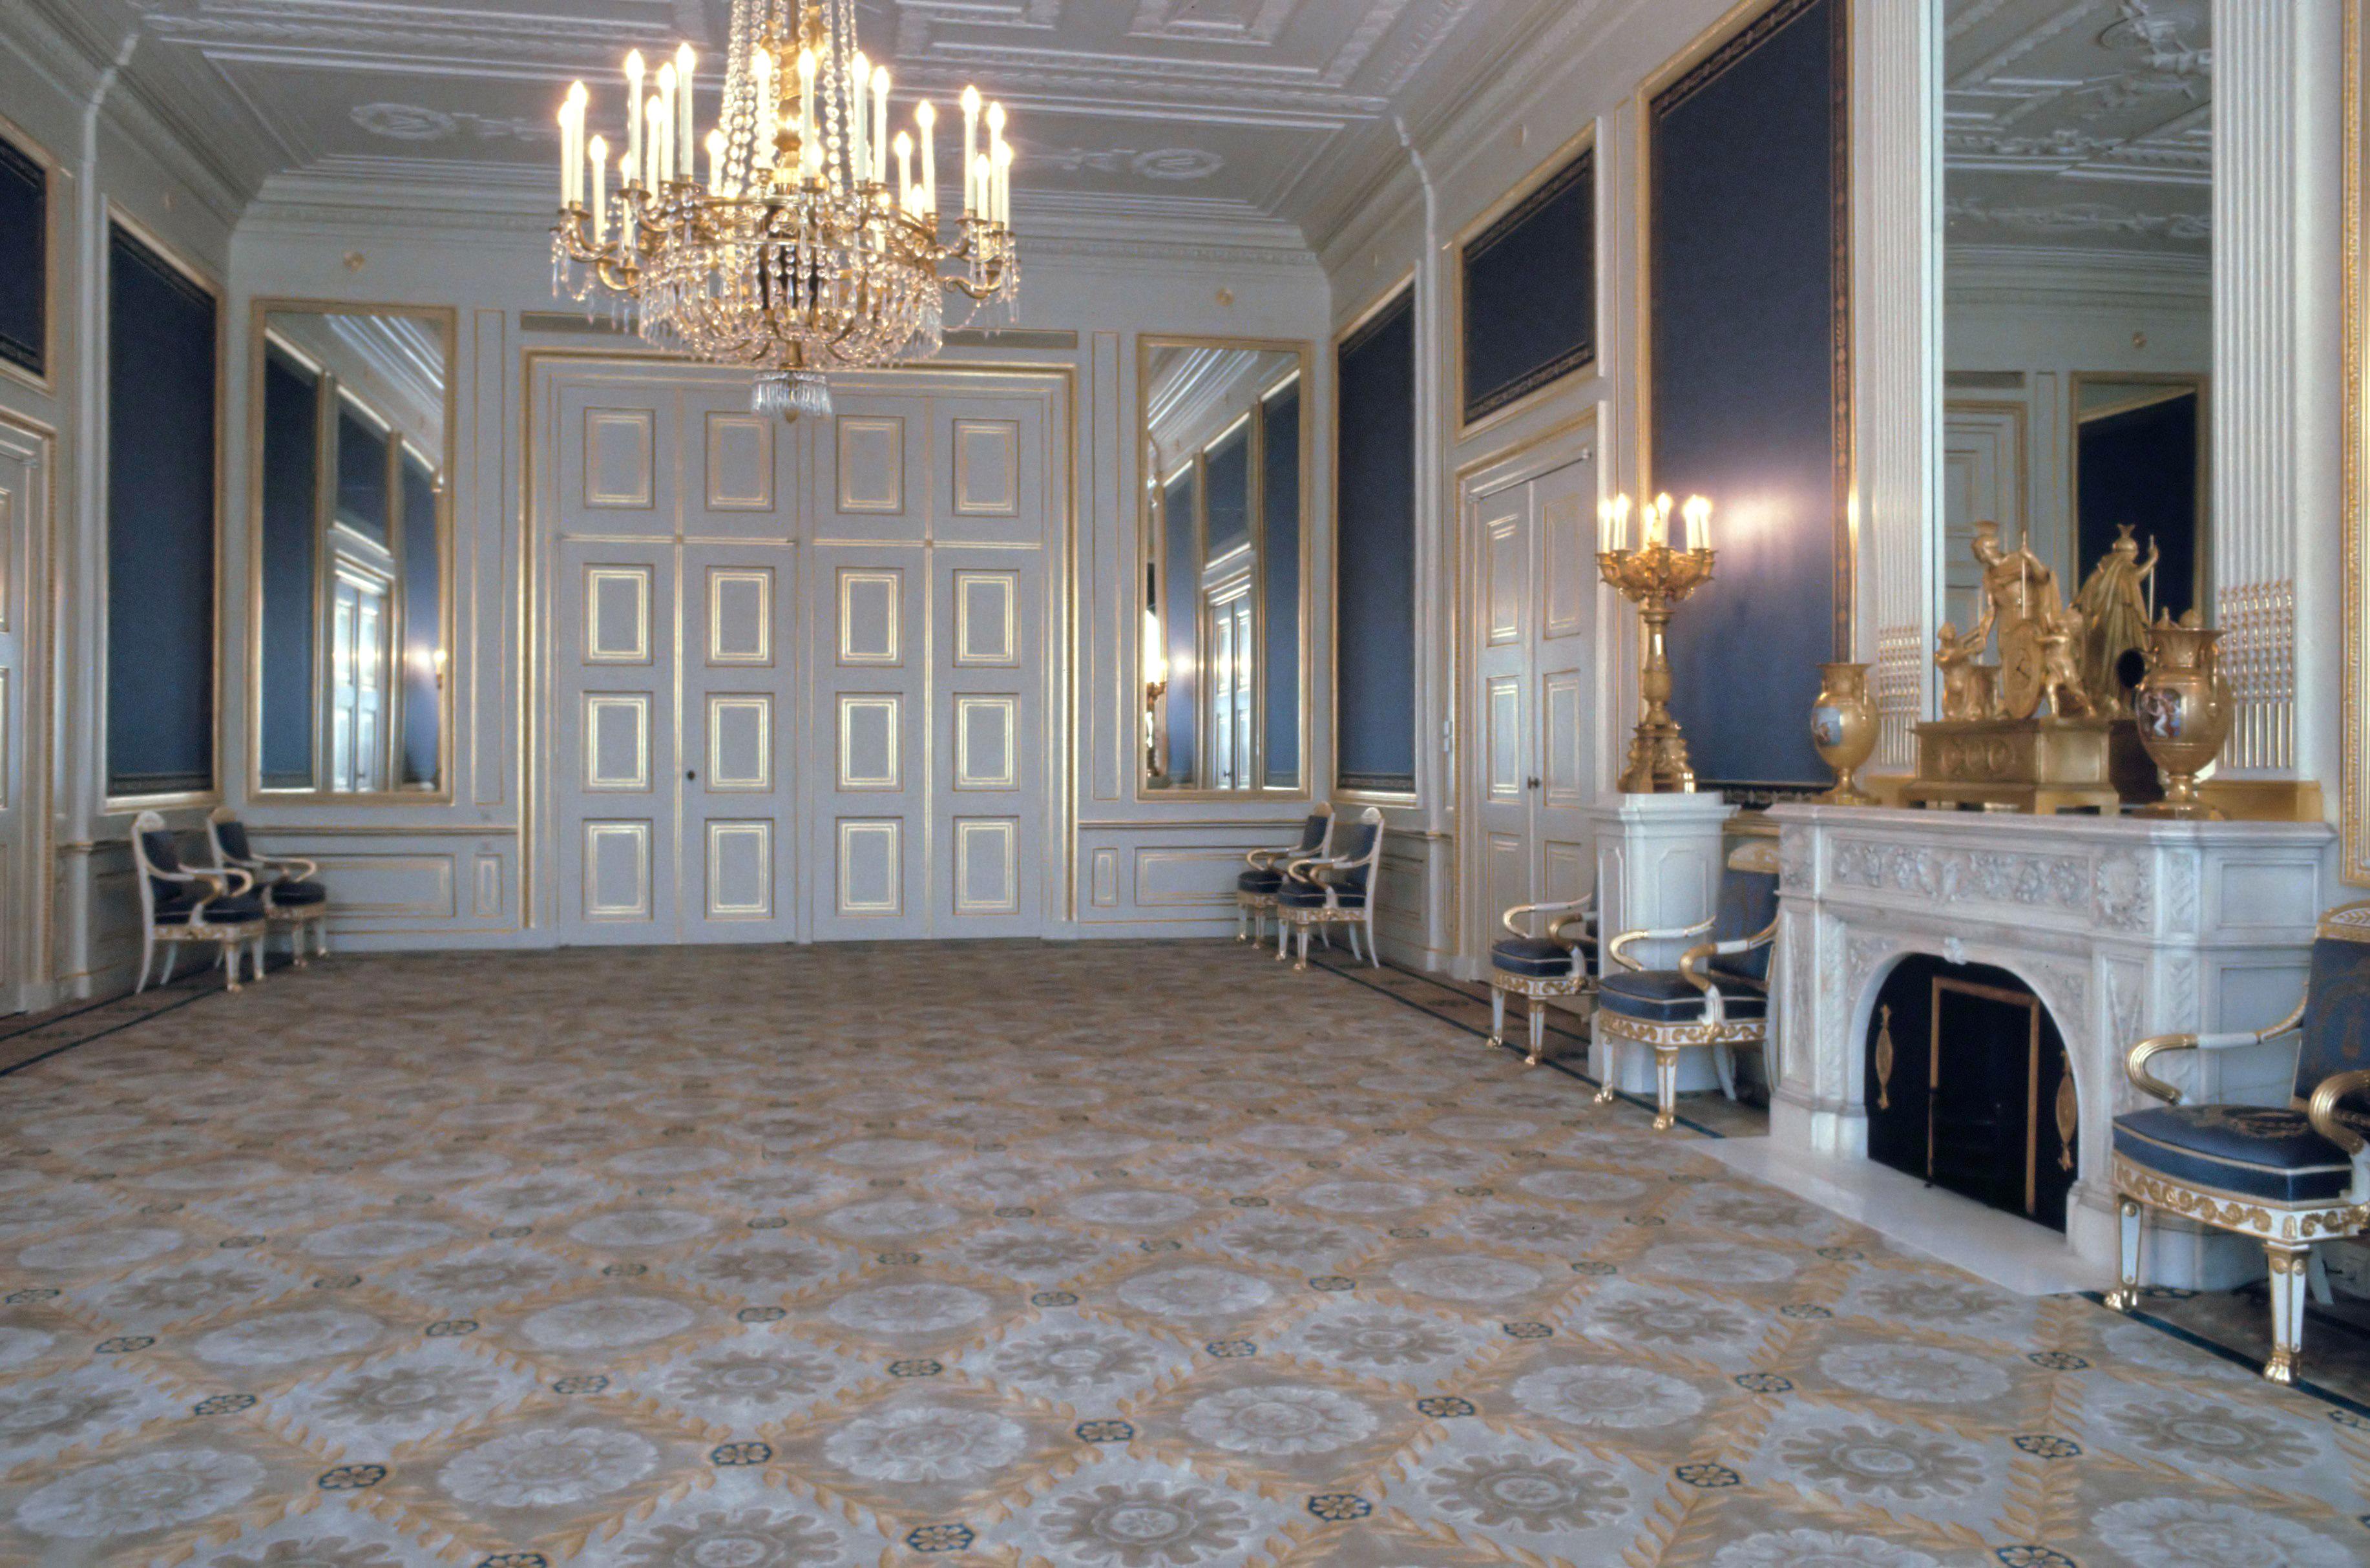 File:Interieur Paleis Noordeinde - balkonzaal (1984).jpg - Wikimedia ...